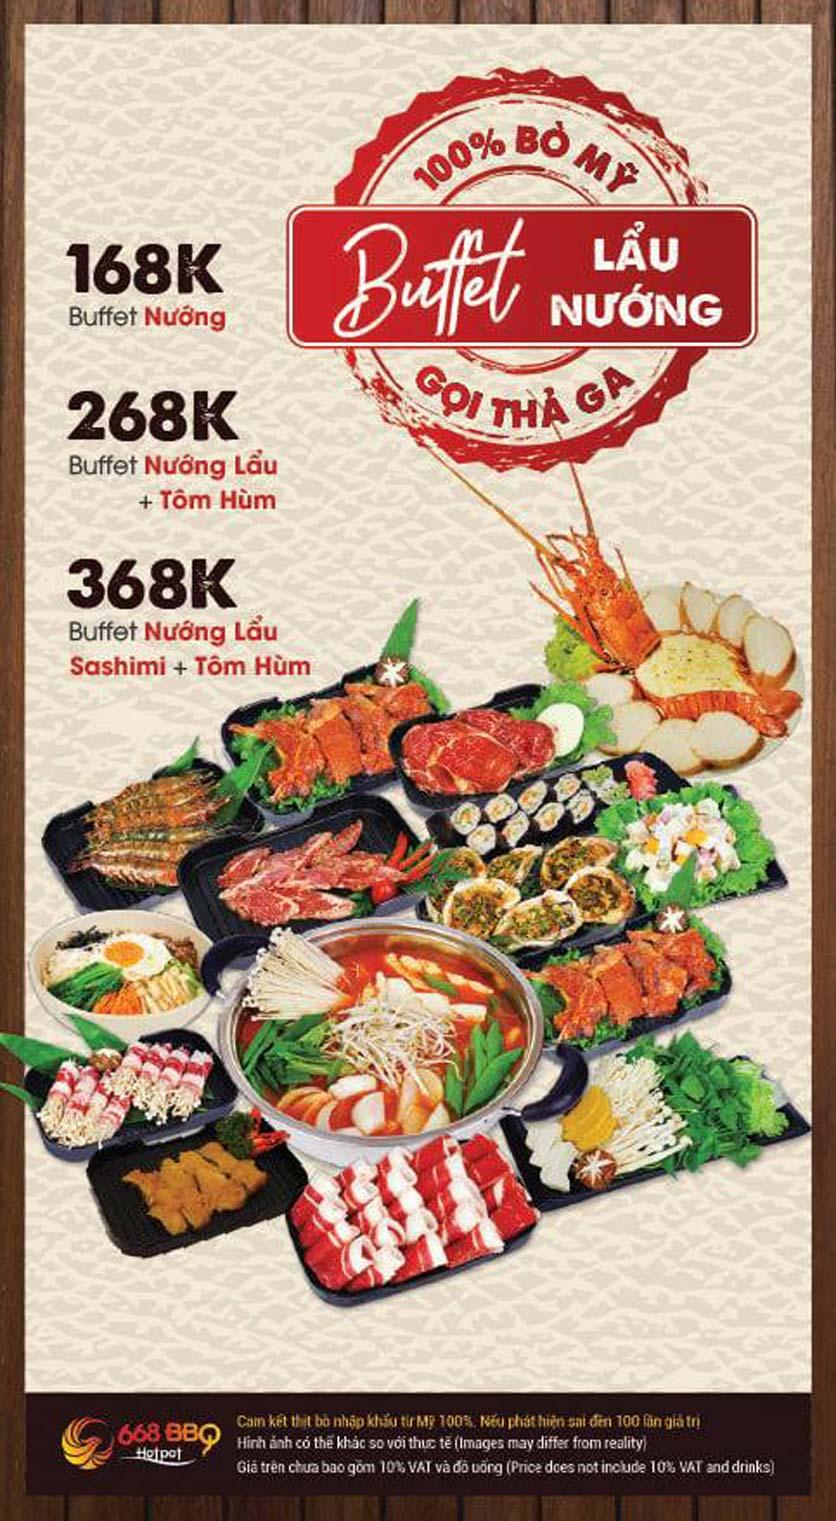 Menu 668 BBQ & hotpot - Lê Văn Lương 1